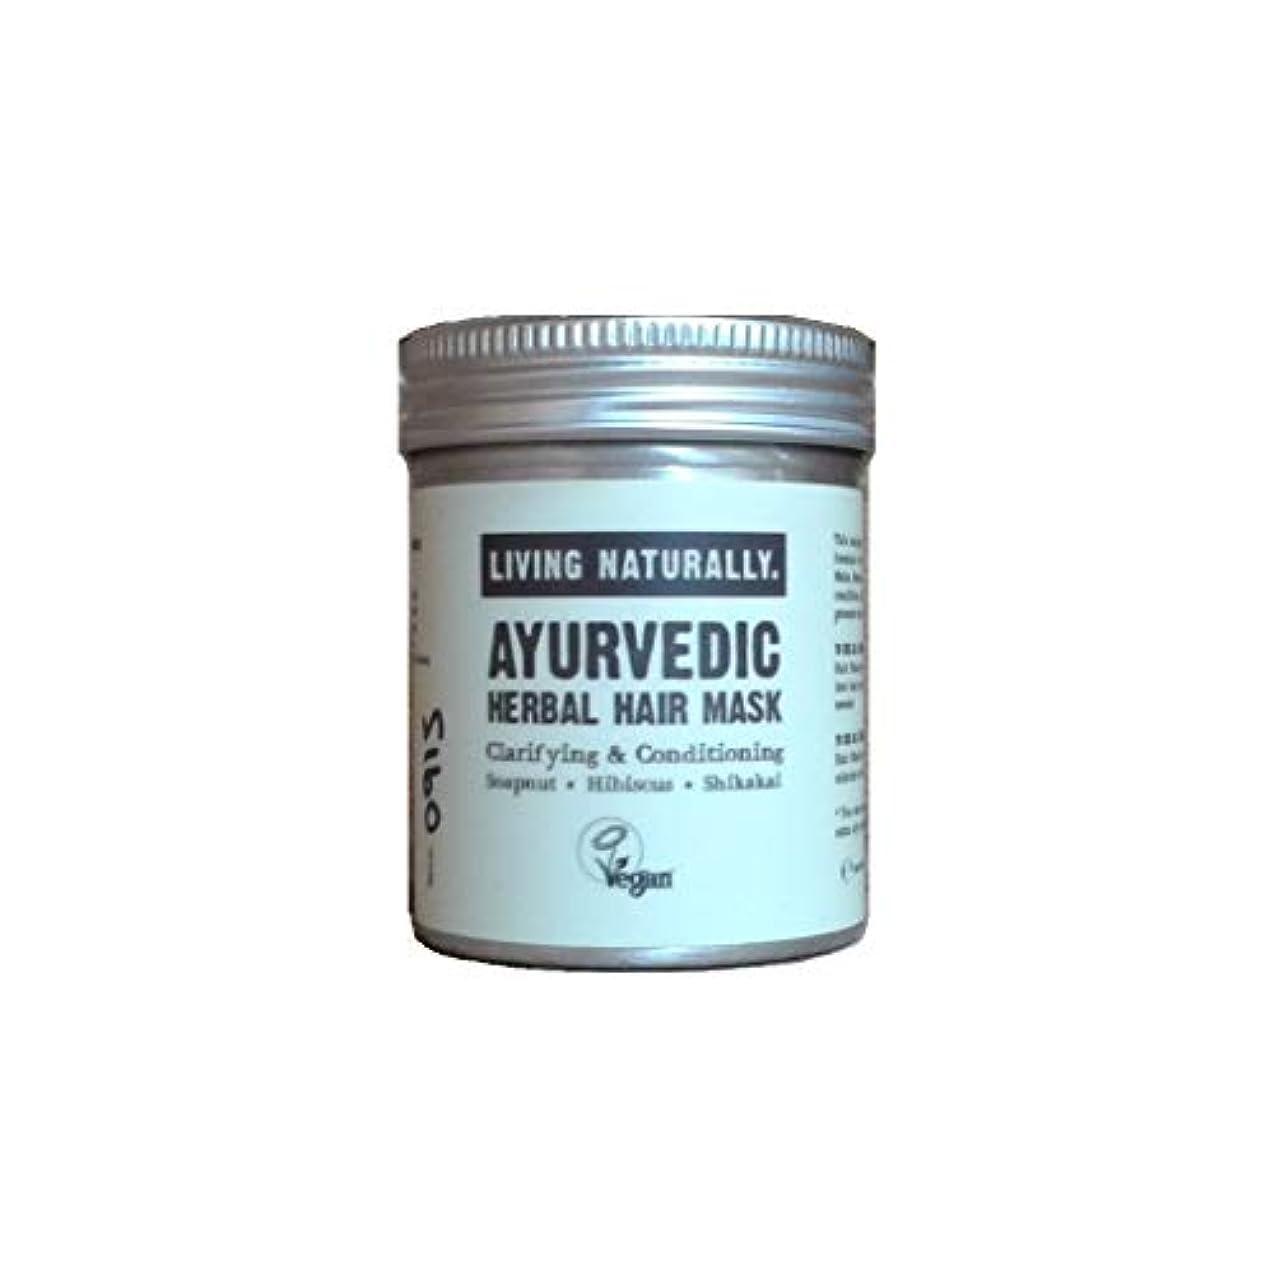 増幅する順応性のある裕福なアーユルヴェーダハーブヘアマスク50g